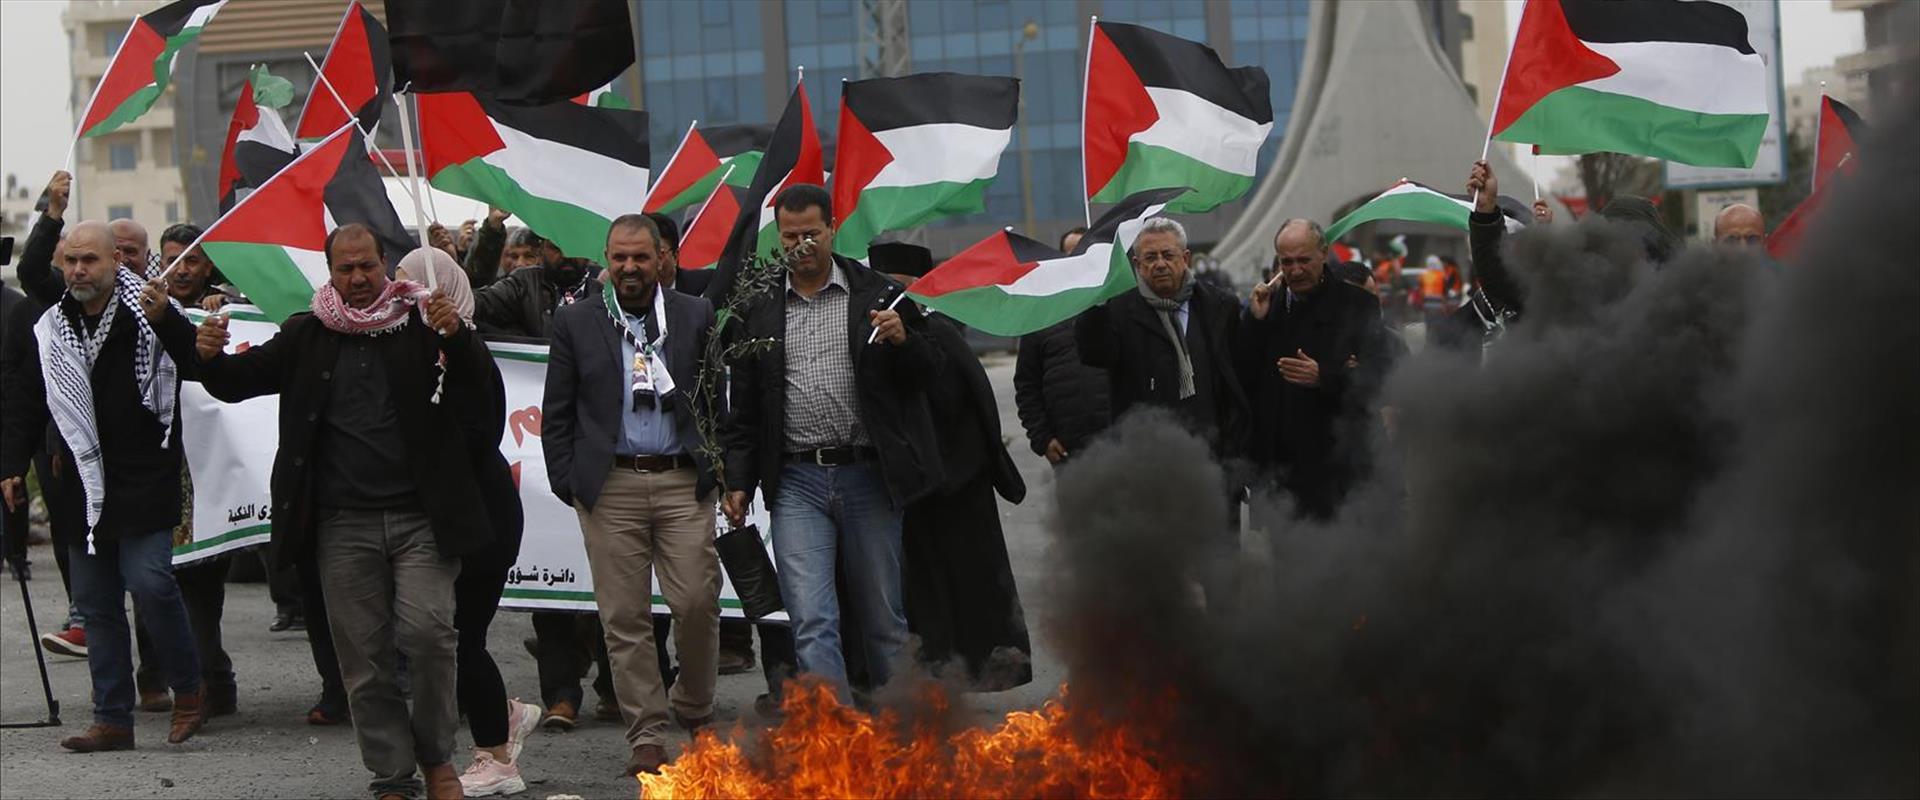 מפגינים פלסטינים ברמאללה ביום האדמה, לפני חודשיים